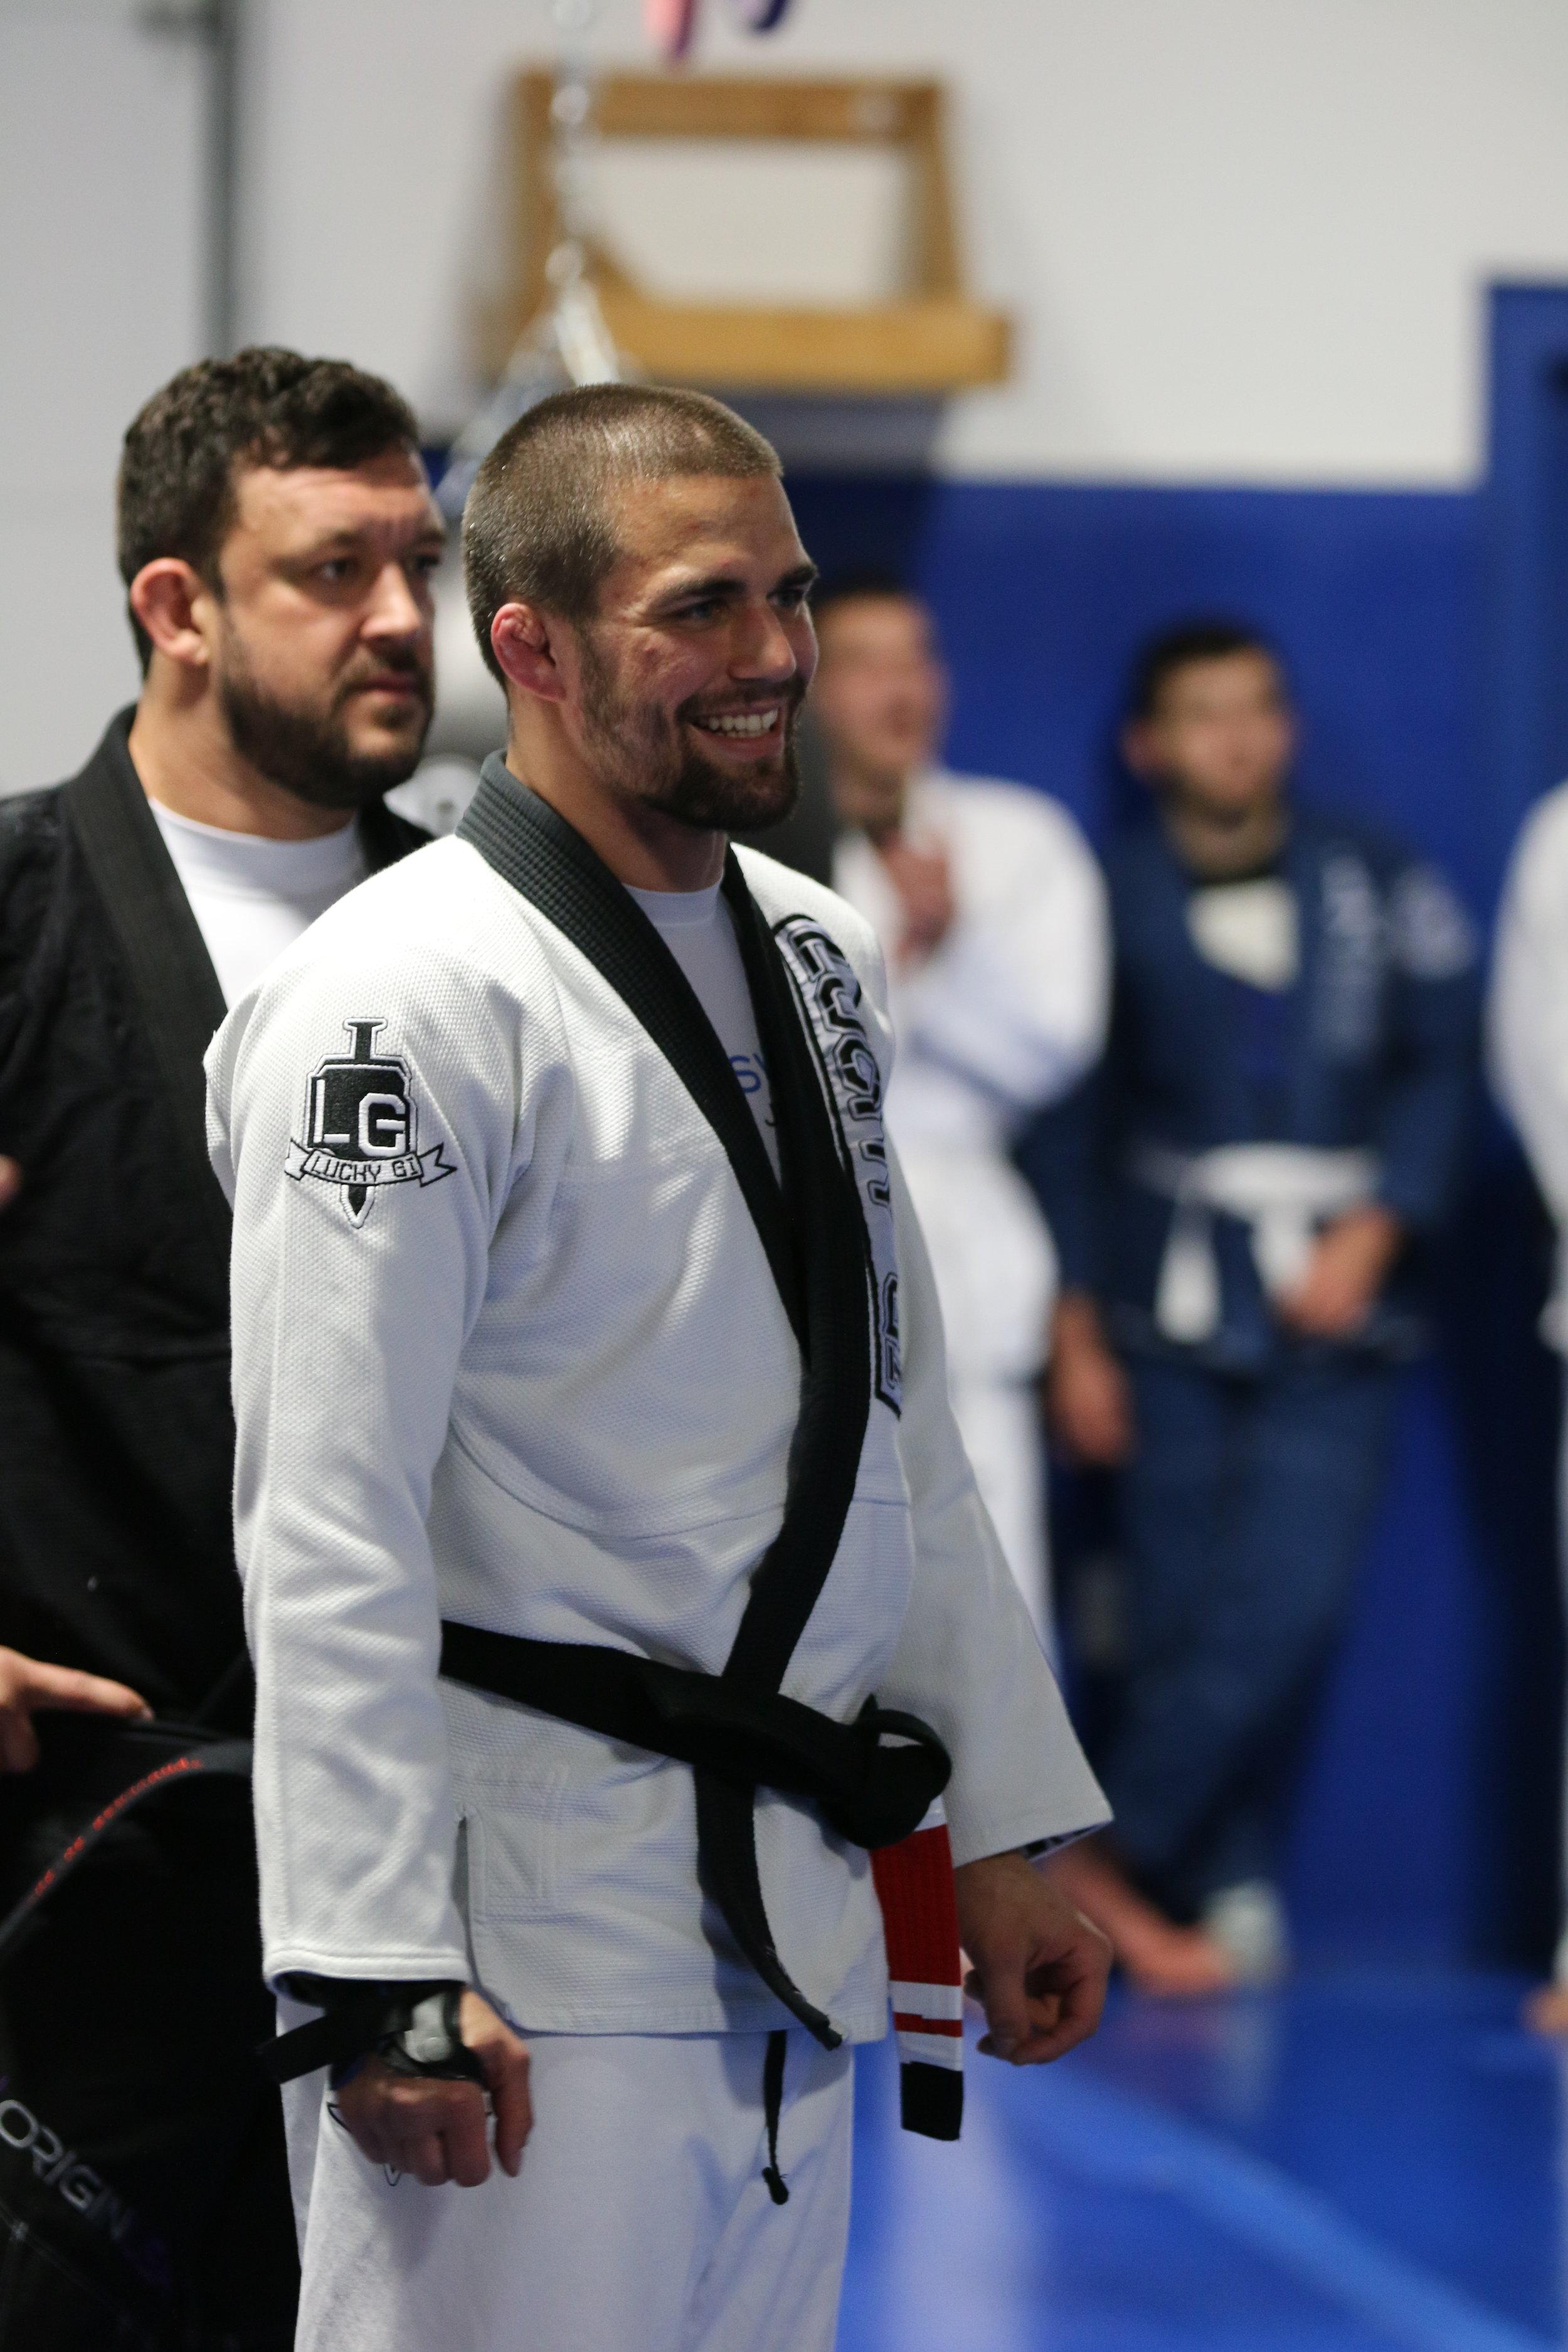 Garry Tonon, BJJ Black Belt in Gi